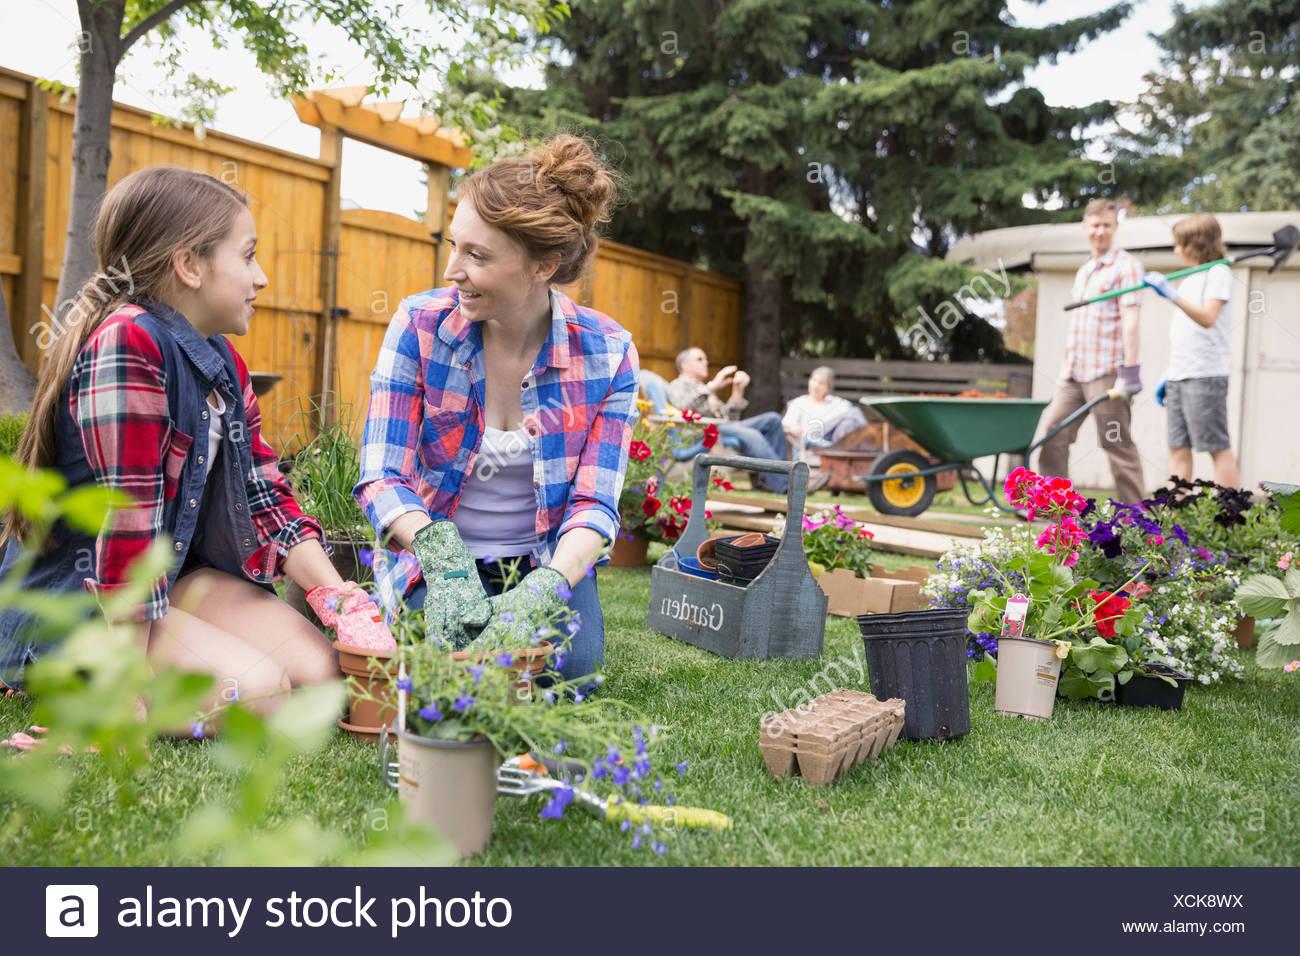 Madre e figlia piantare fiori nel giardino Immagini Stock